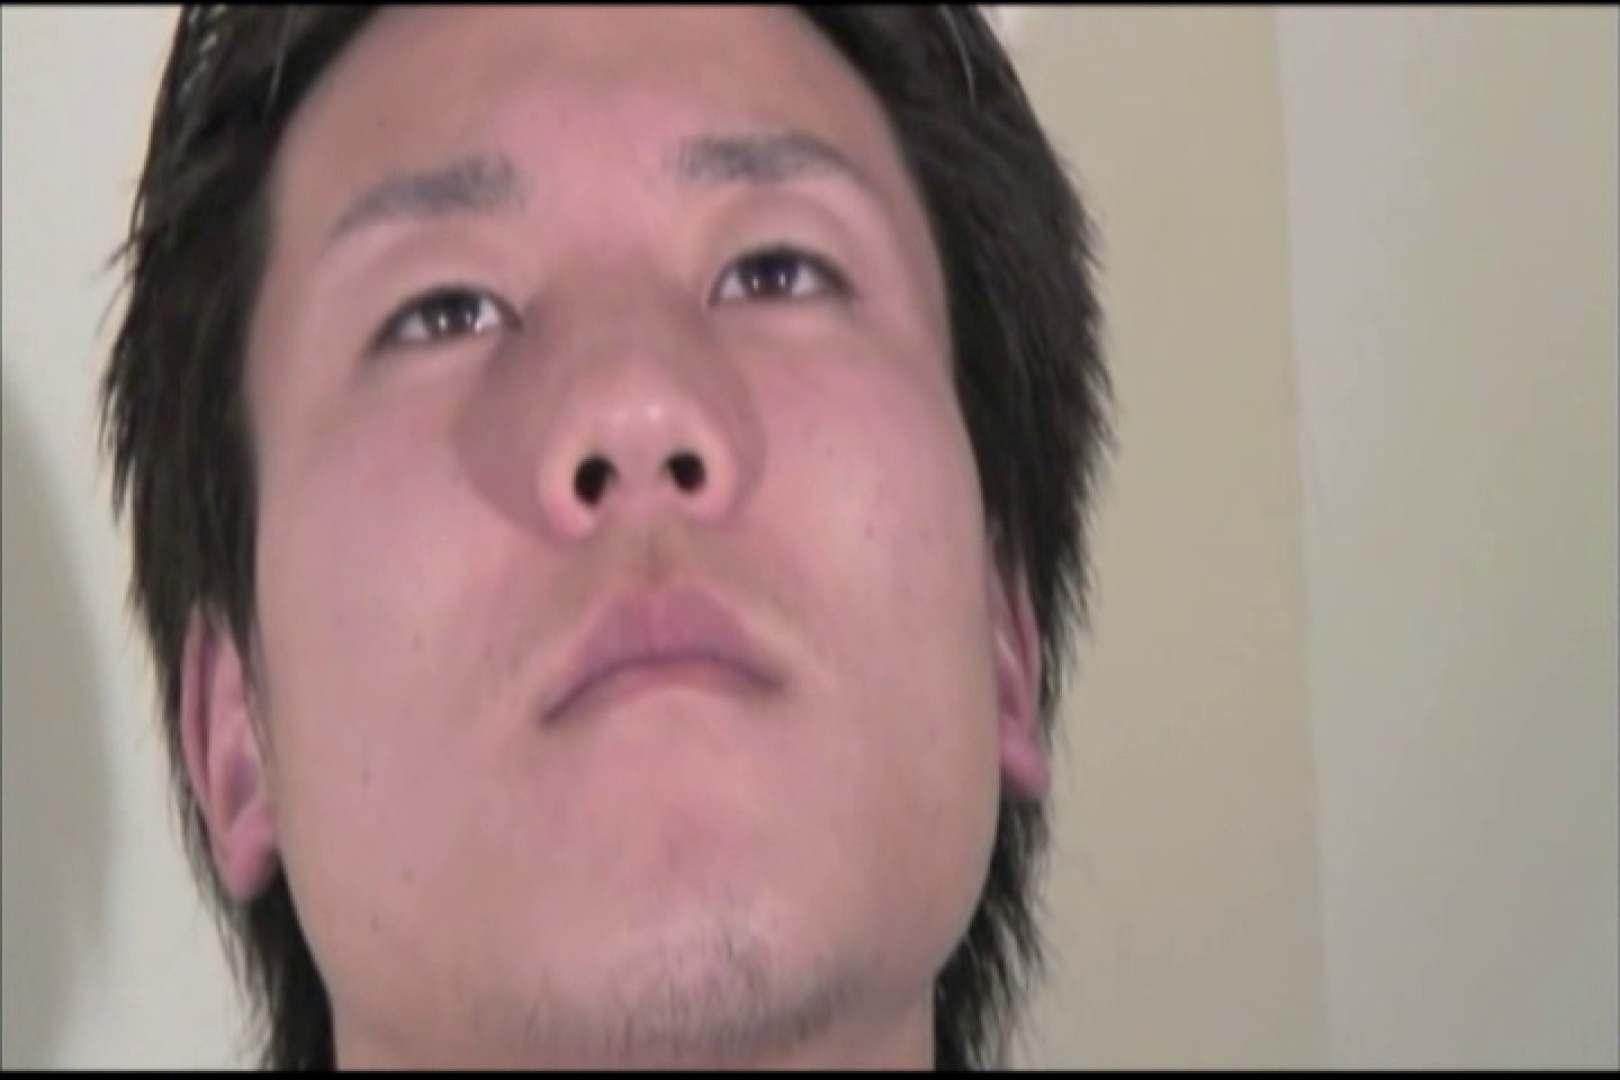 モデルにいそうな切れ長の目をもつイケメン。 イケメンのゲイ達 | シコシコ男子  87枚 37